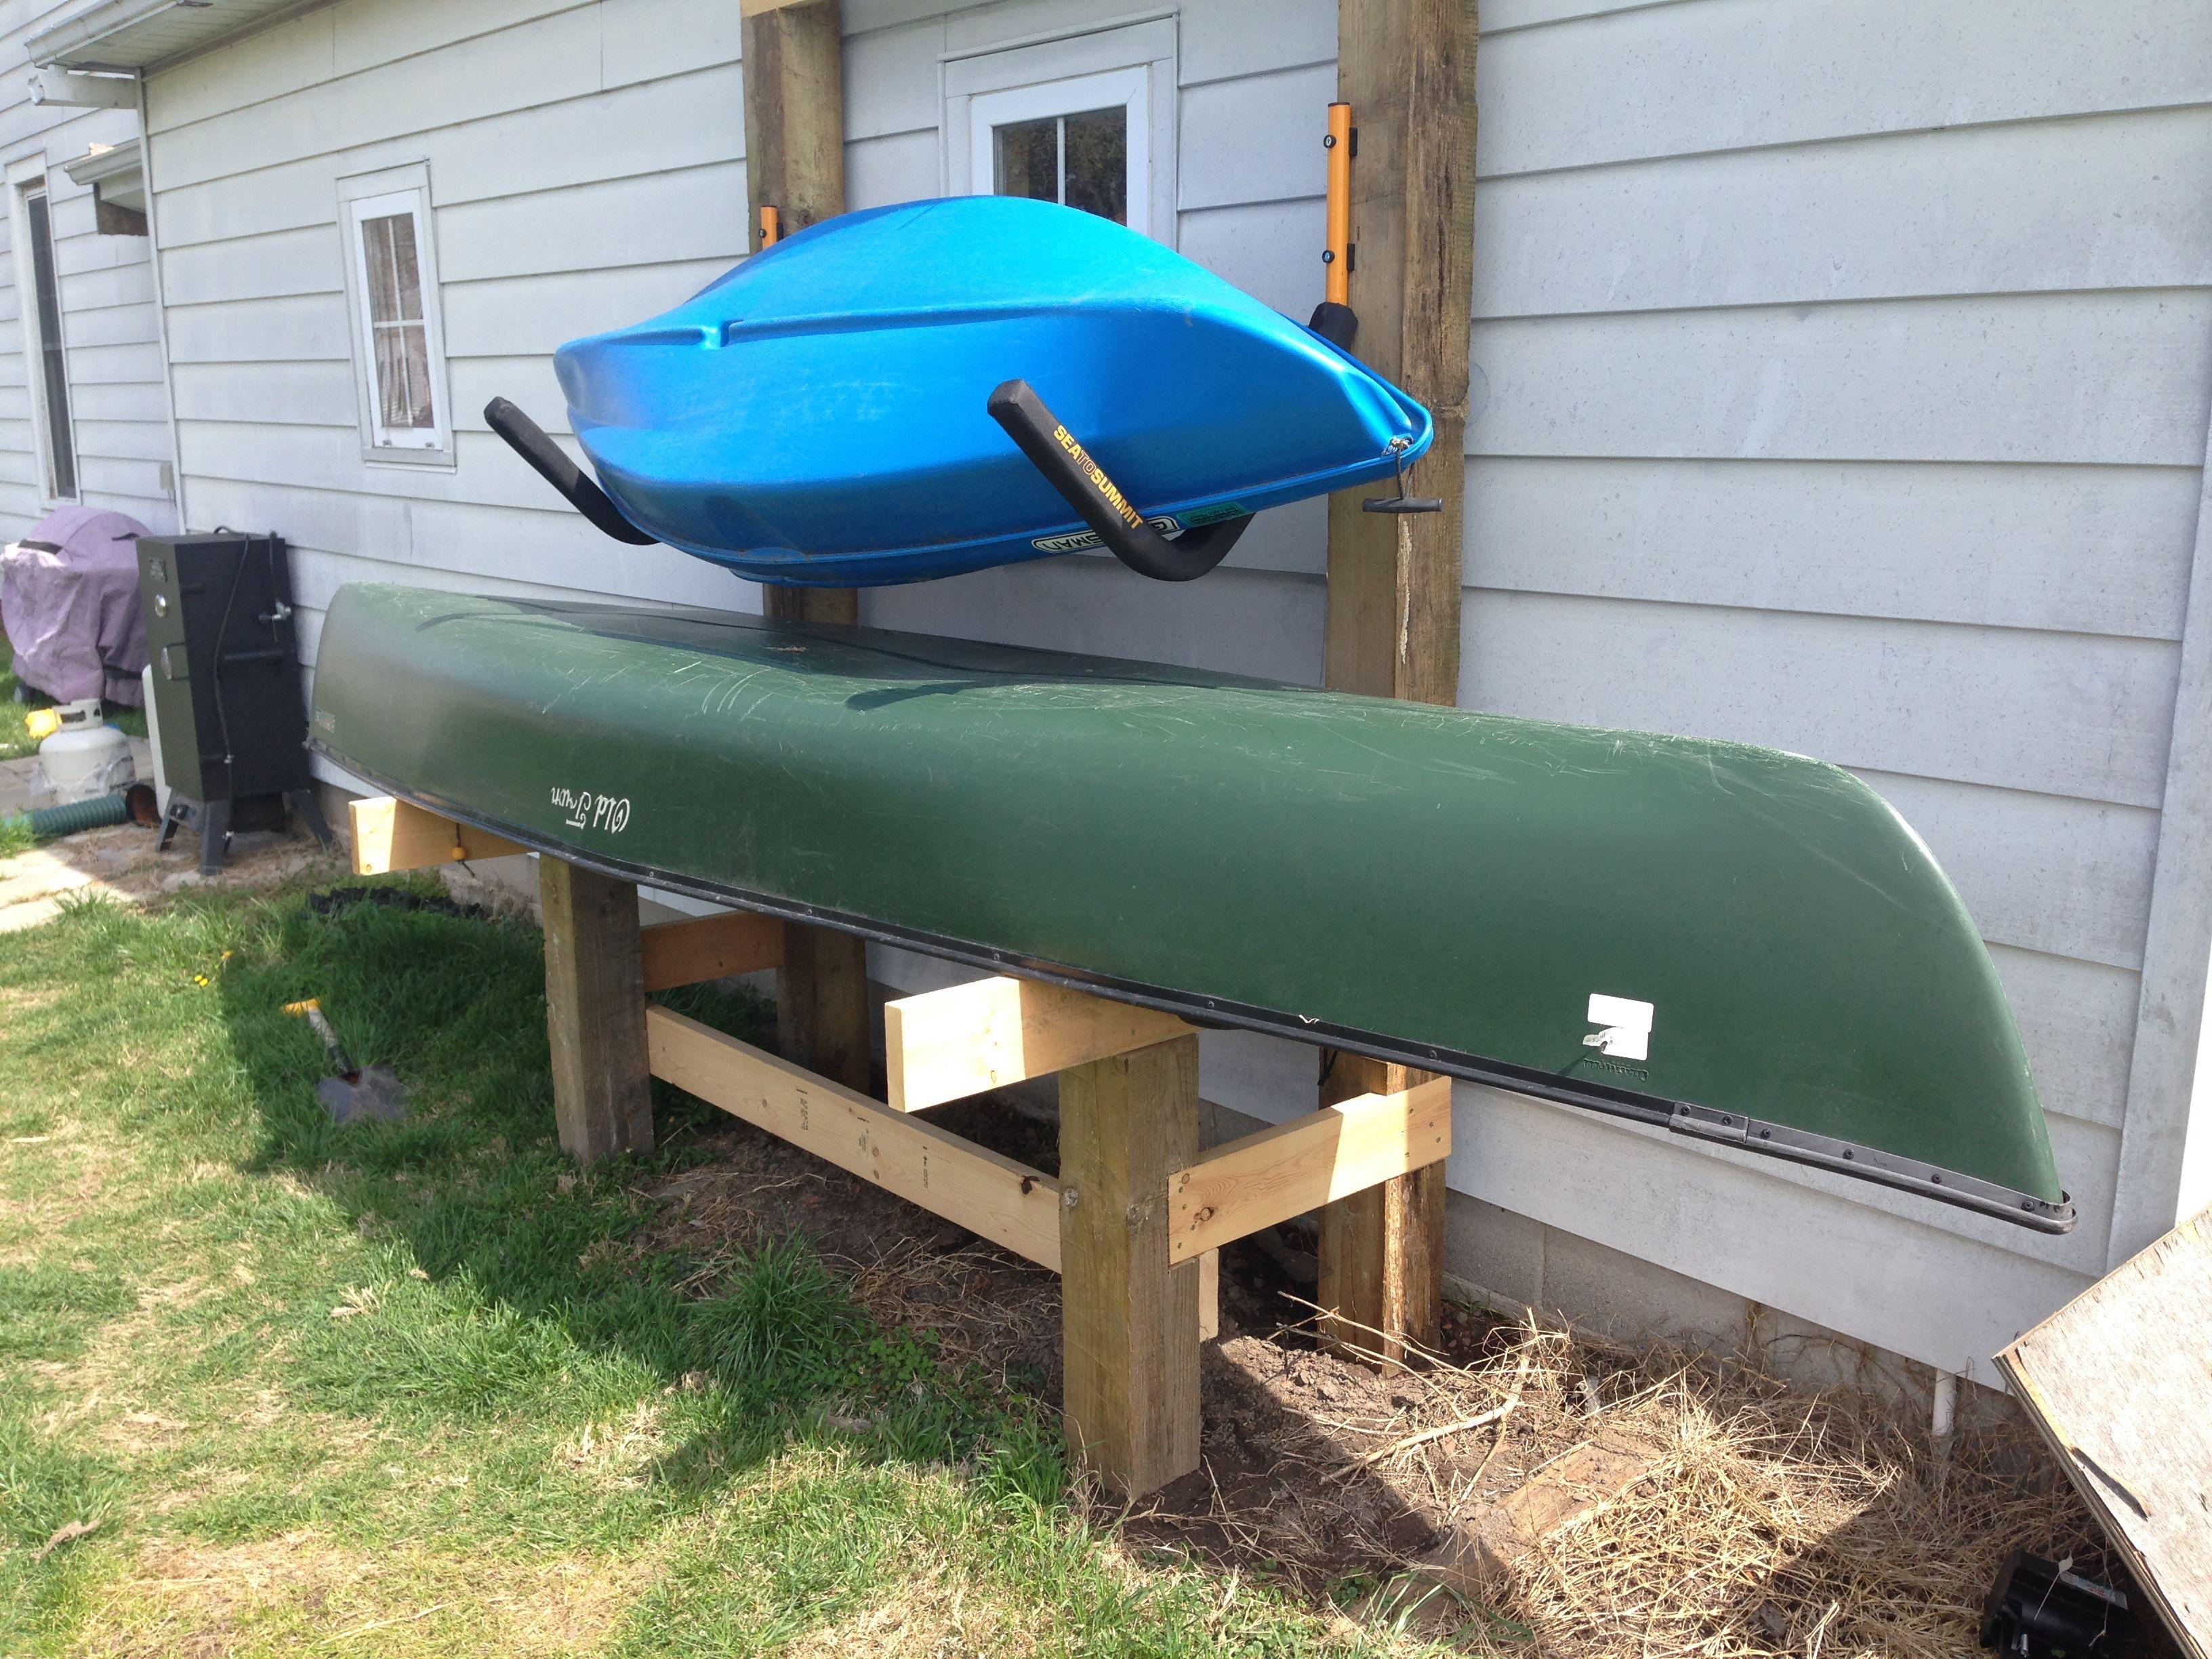 The Top 24 Ideas About Diy Kayak Storage Racks Home Inspiration Diy Crafts Birthday Quotes And Party Id Kayak Storage Rack Diy Kayak Storage Canoe Rack Diy backyard kayak rack